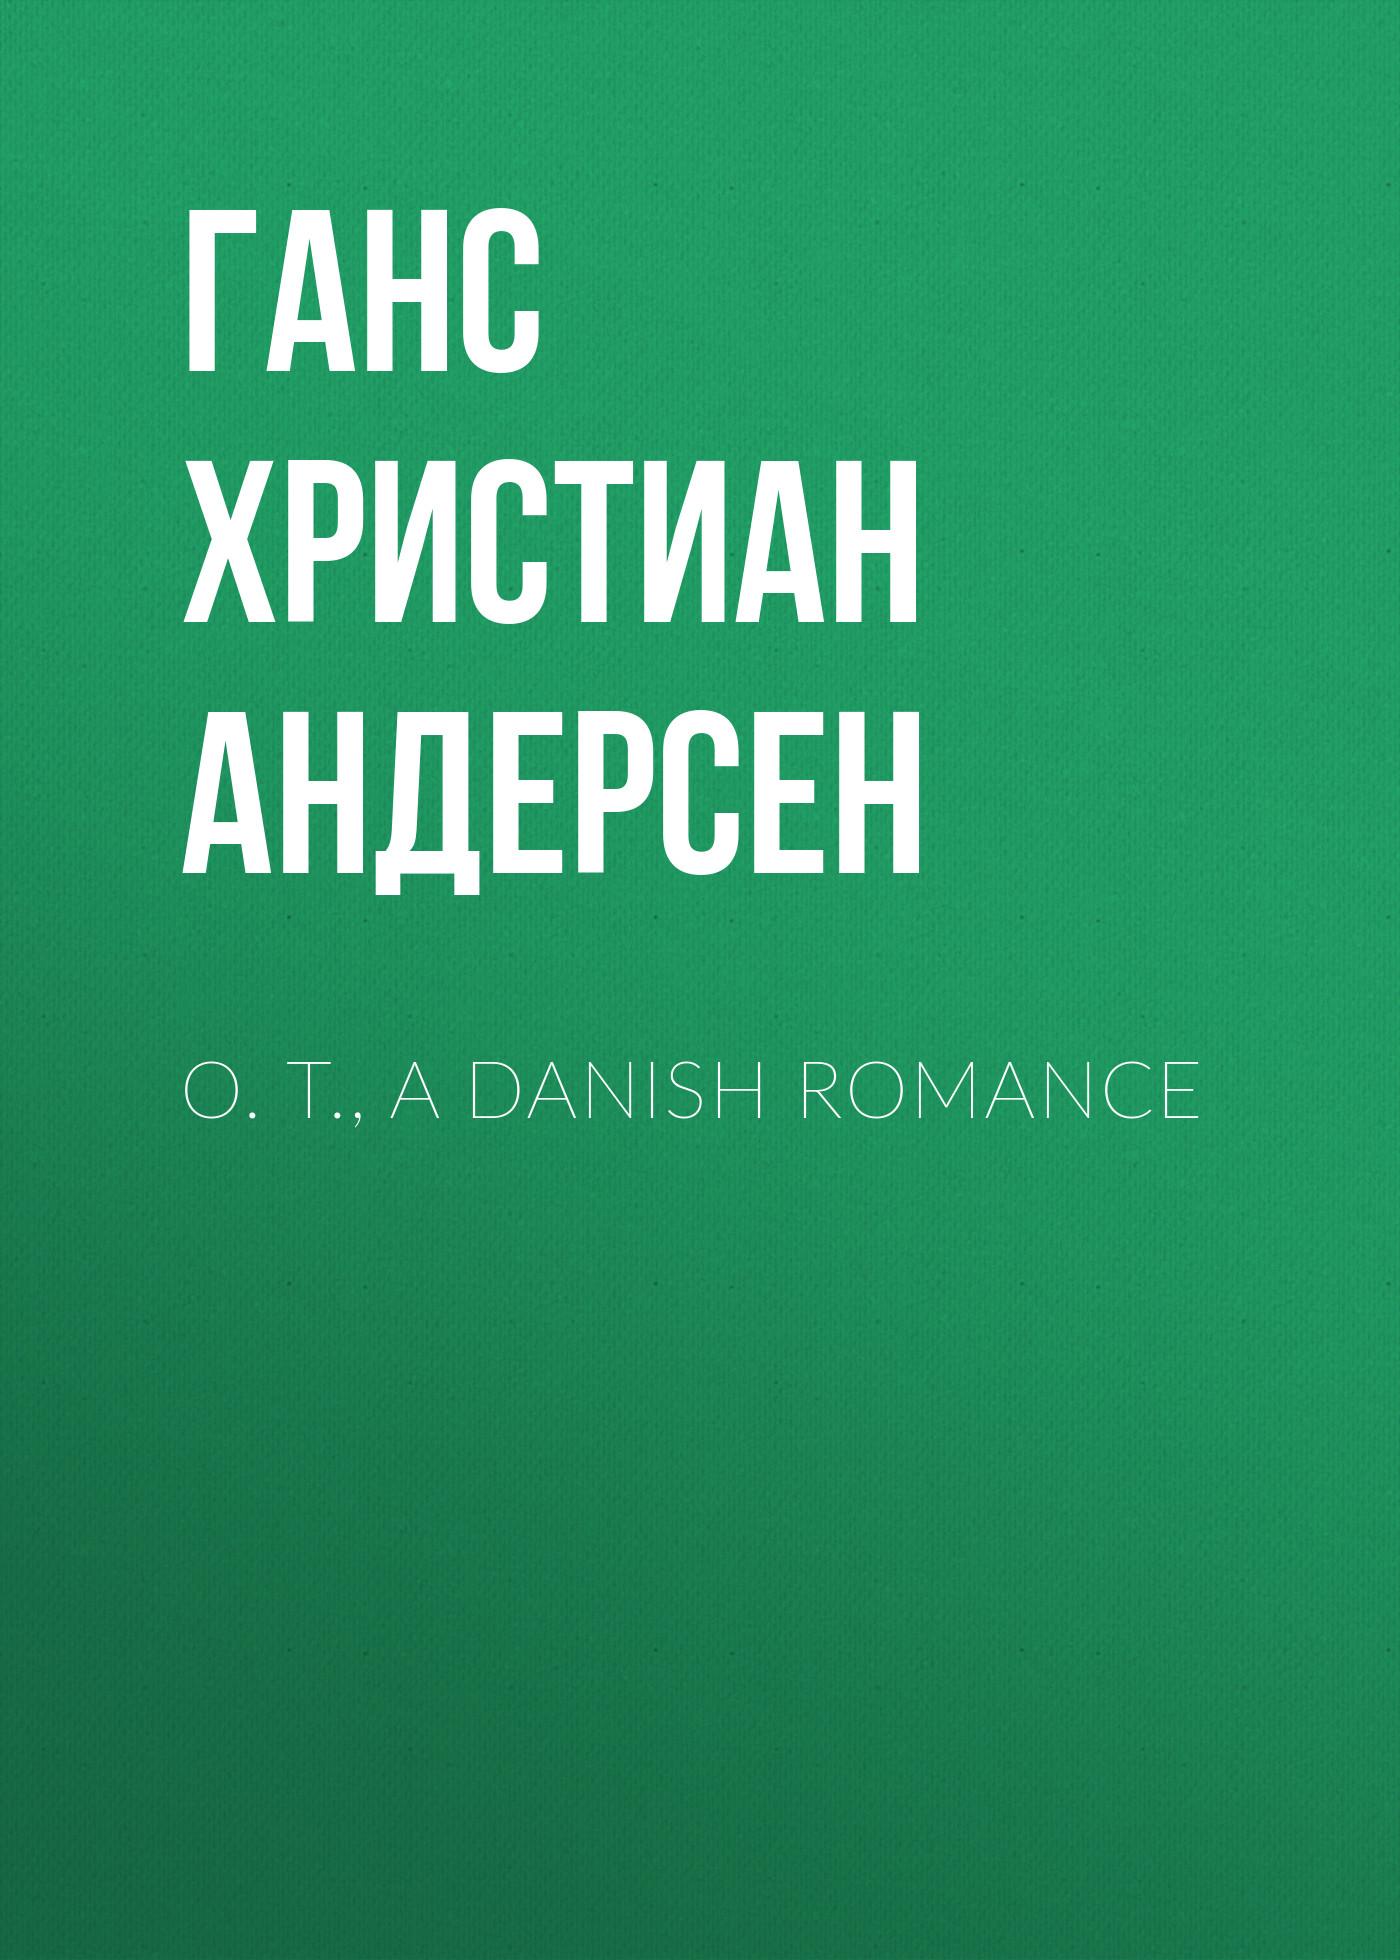 Ганс Христиан Андерсен O. T., A Danish Romance ганс христиан андерсен the true story of my life a sketch